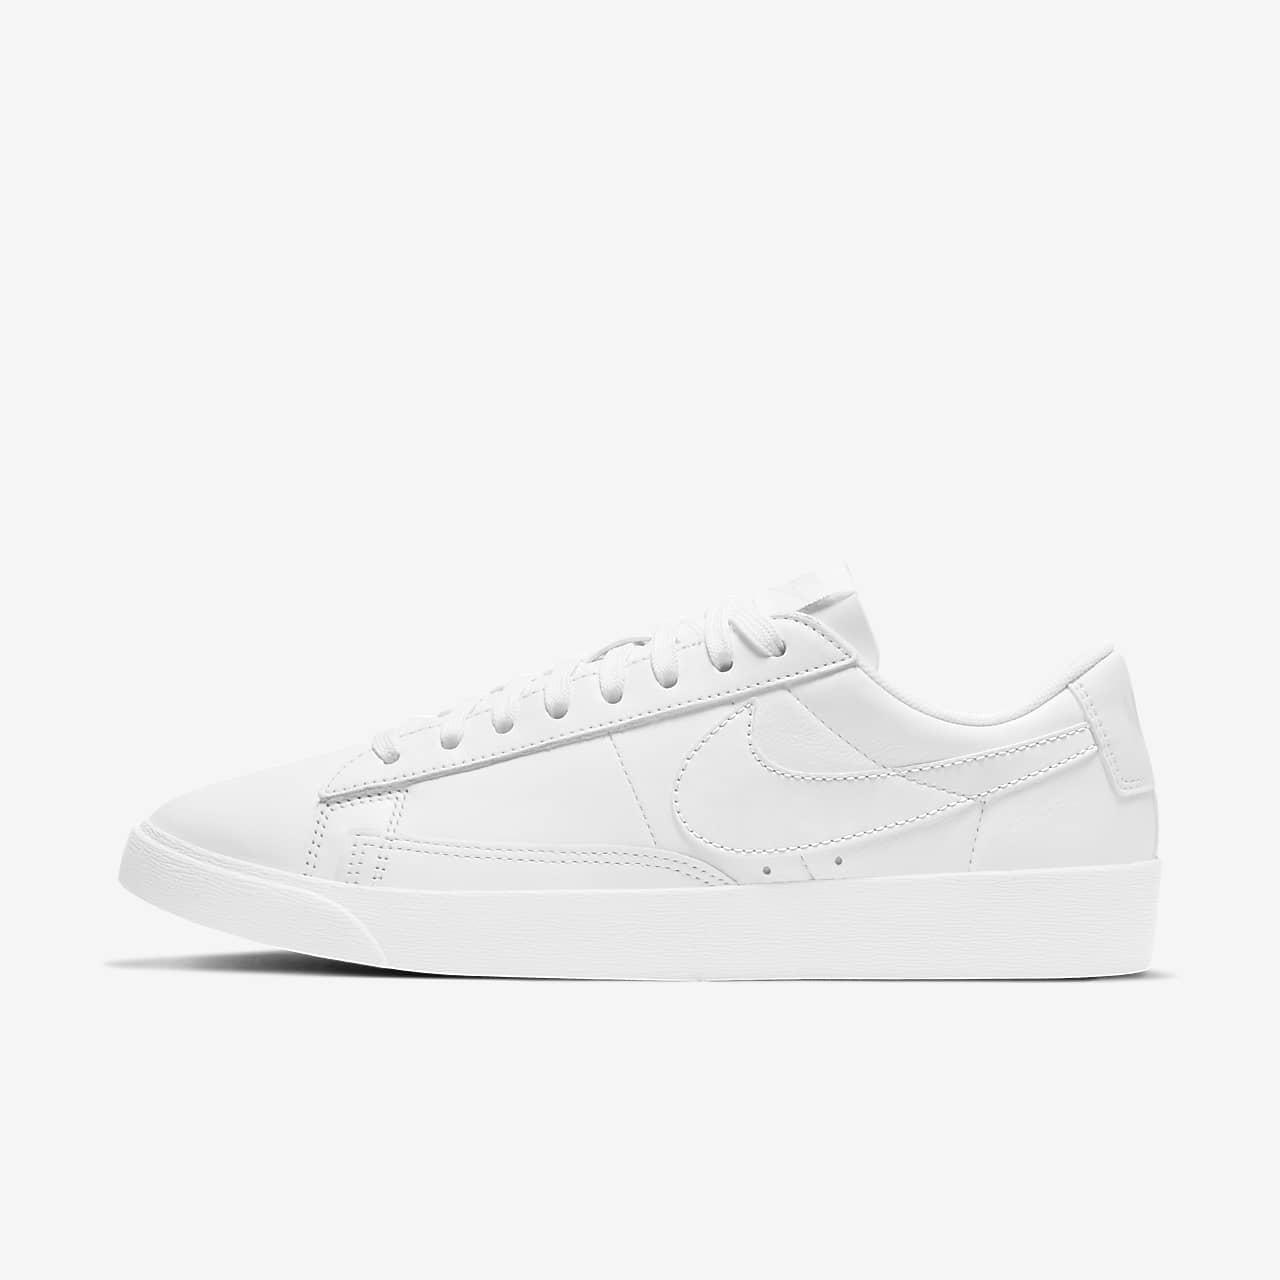 รองเท้าผู้หญิง Nike Blazer Low LE